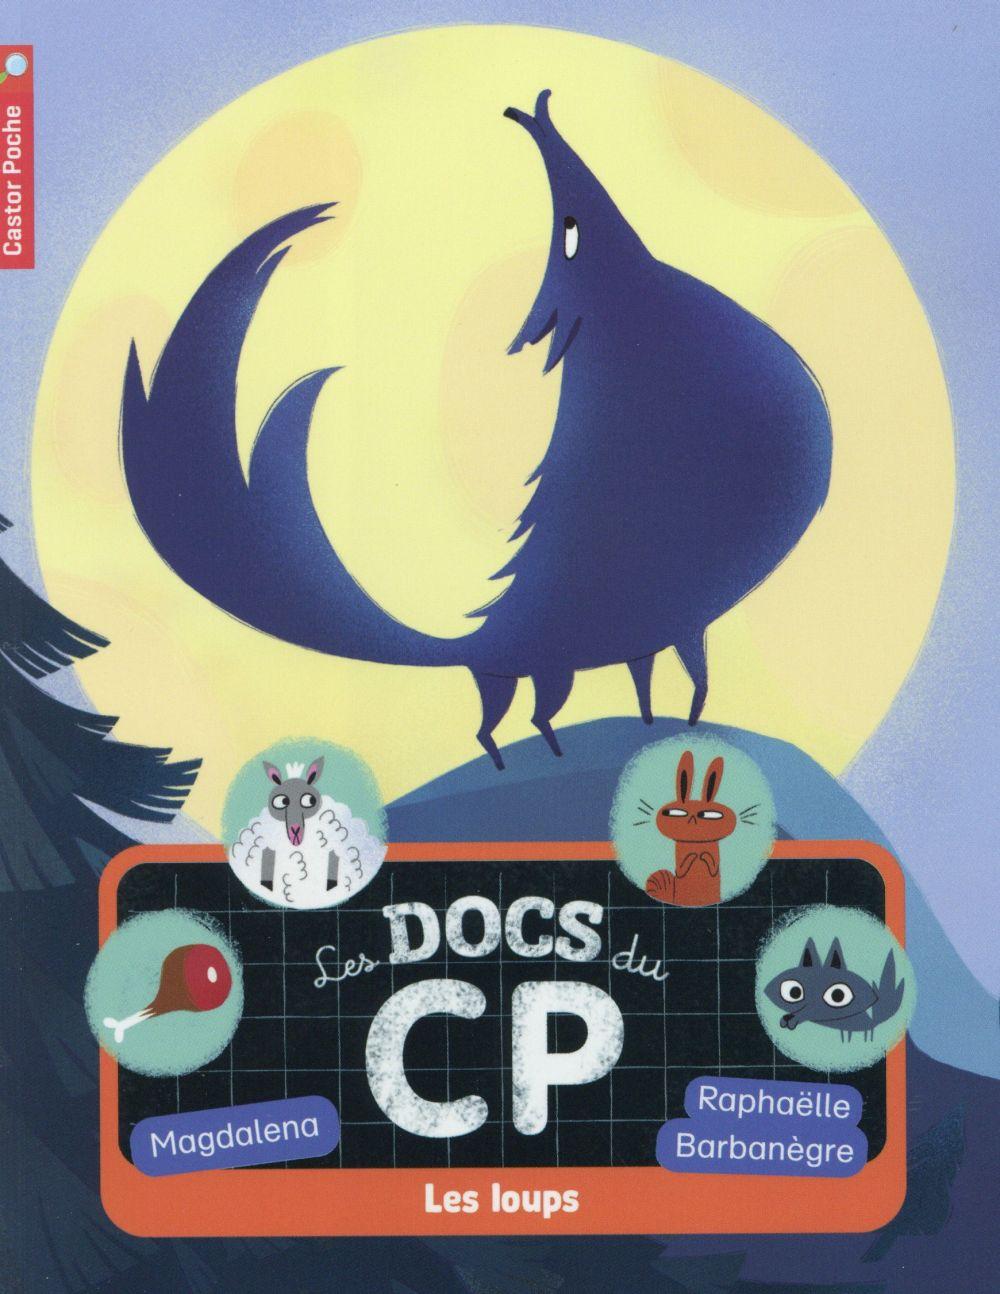 Les docs du cp t.3 ; les loups